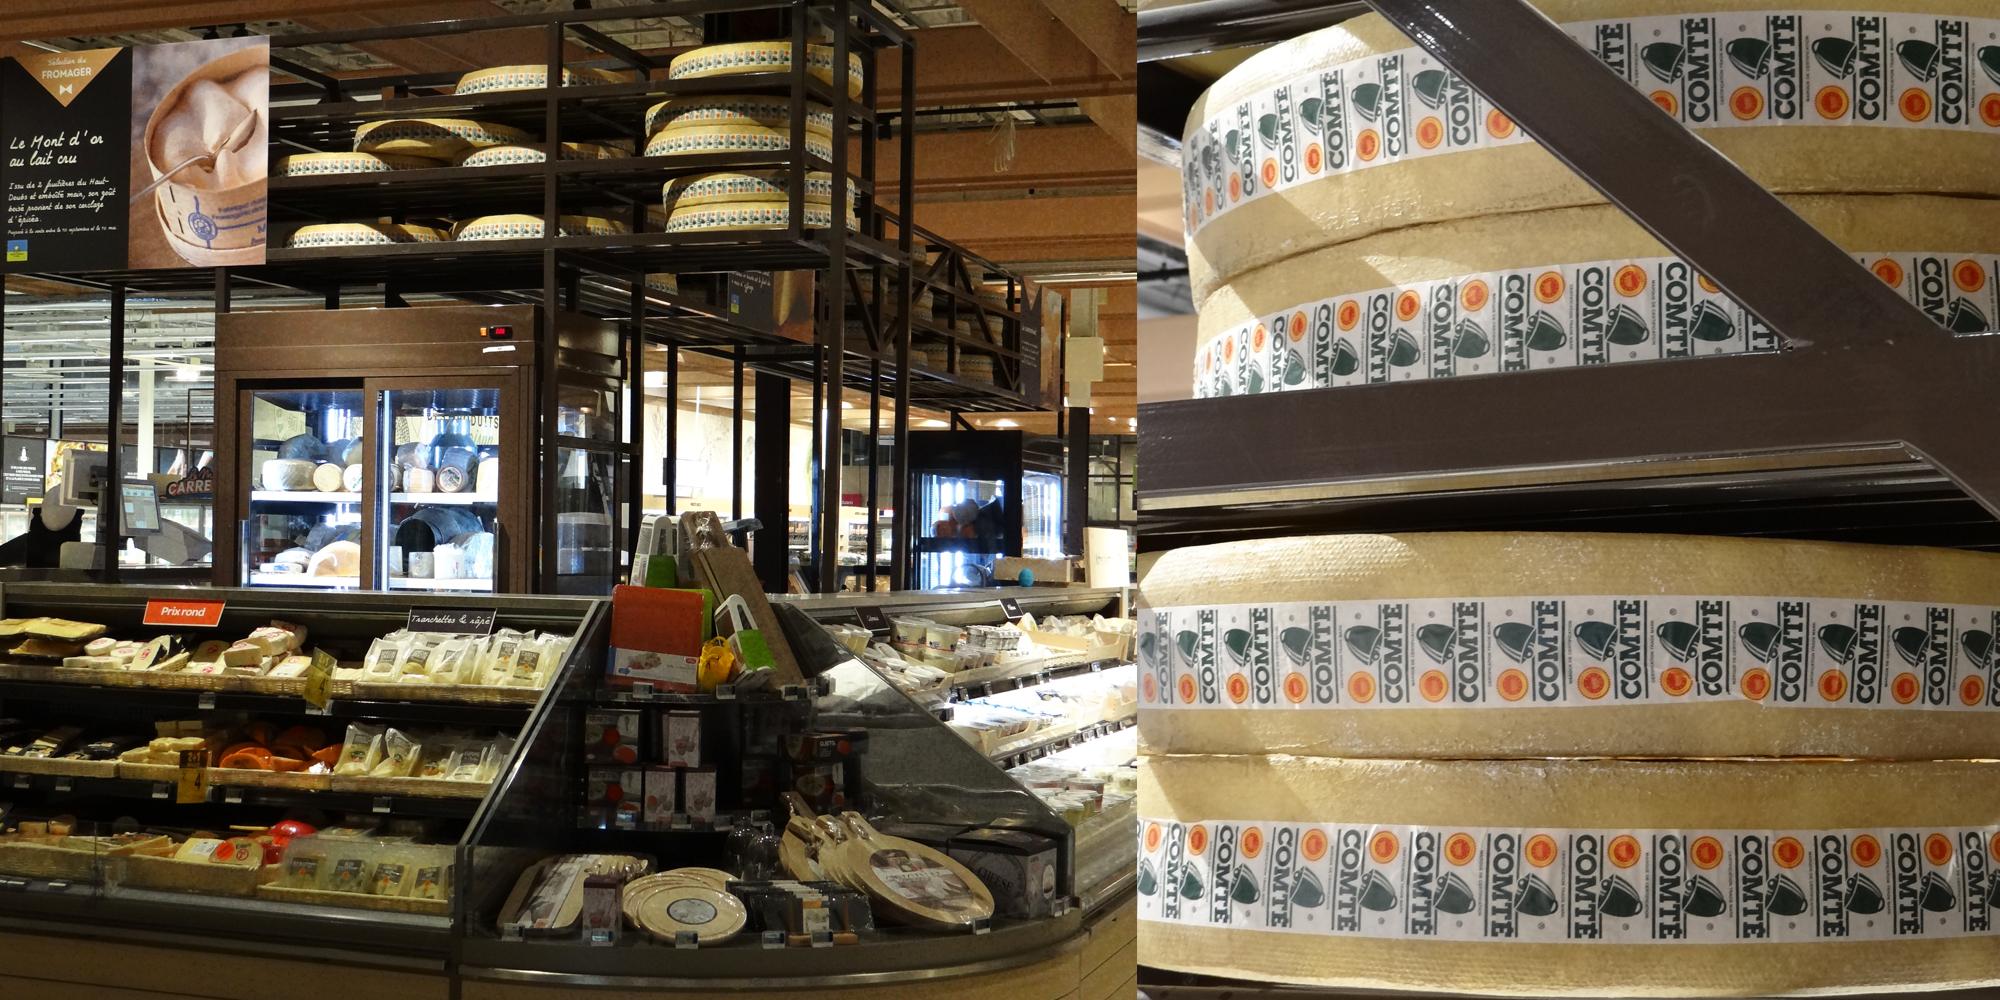 le factice alimentaire de fromage made by Cobalt Fx comme décor et animation d'un rayon d'hypermarché Carrefour